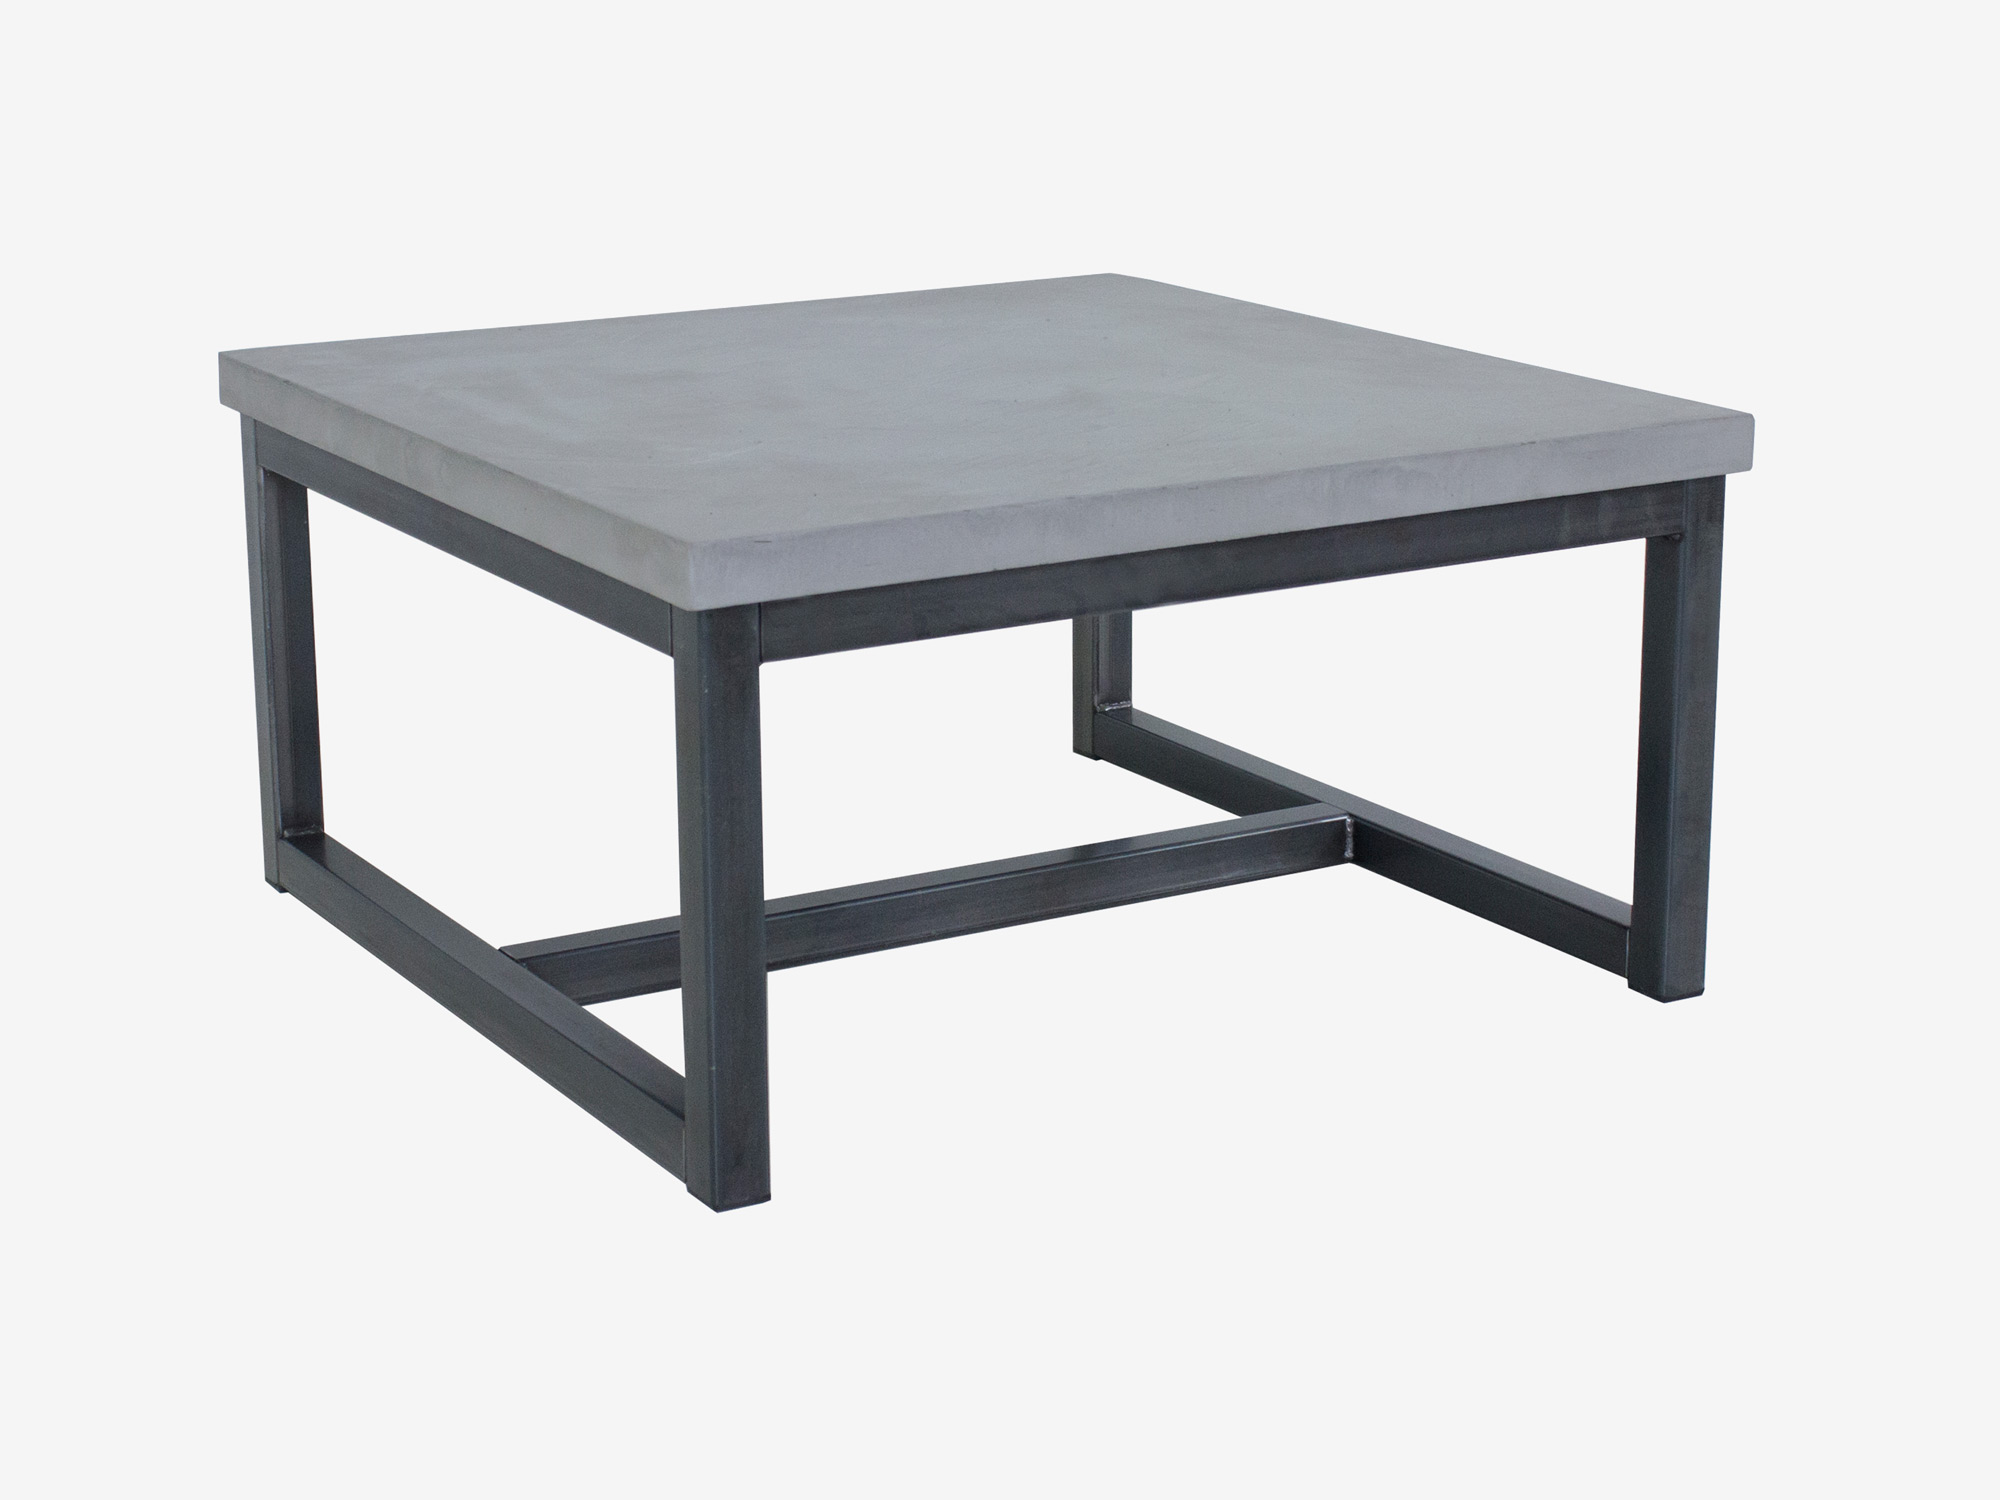 Salontafel Van Beton : Salontafel van beton max fØrn maatwerk betonlook meubelen zwolle